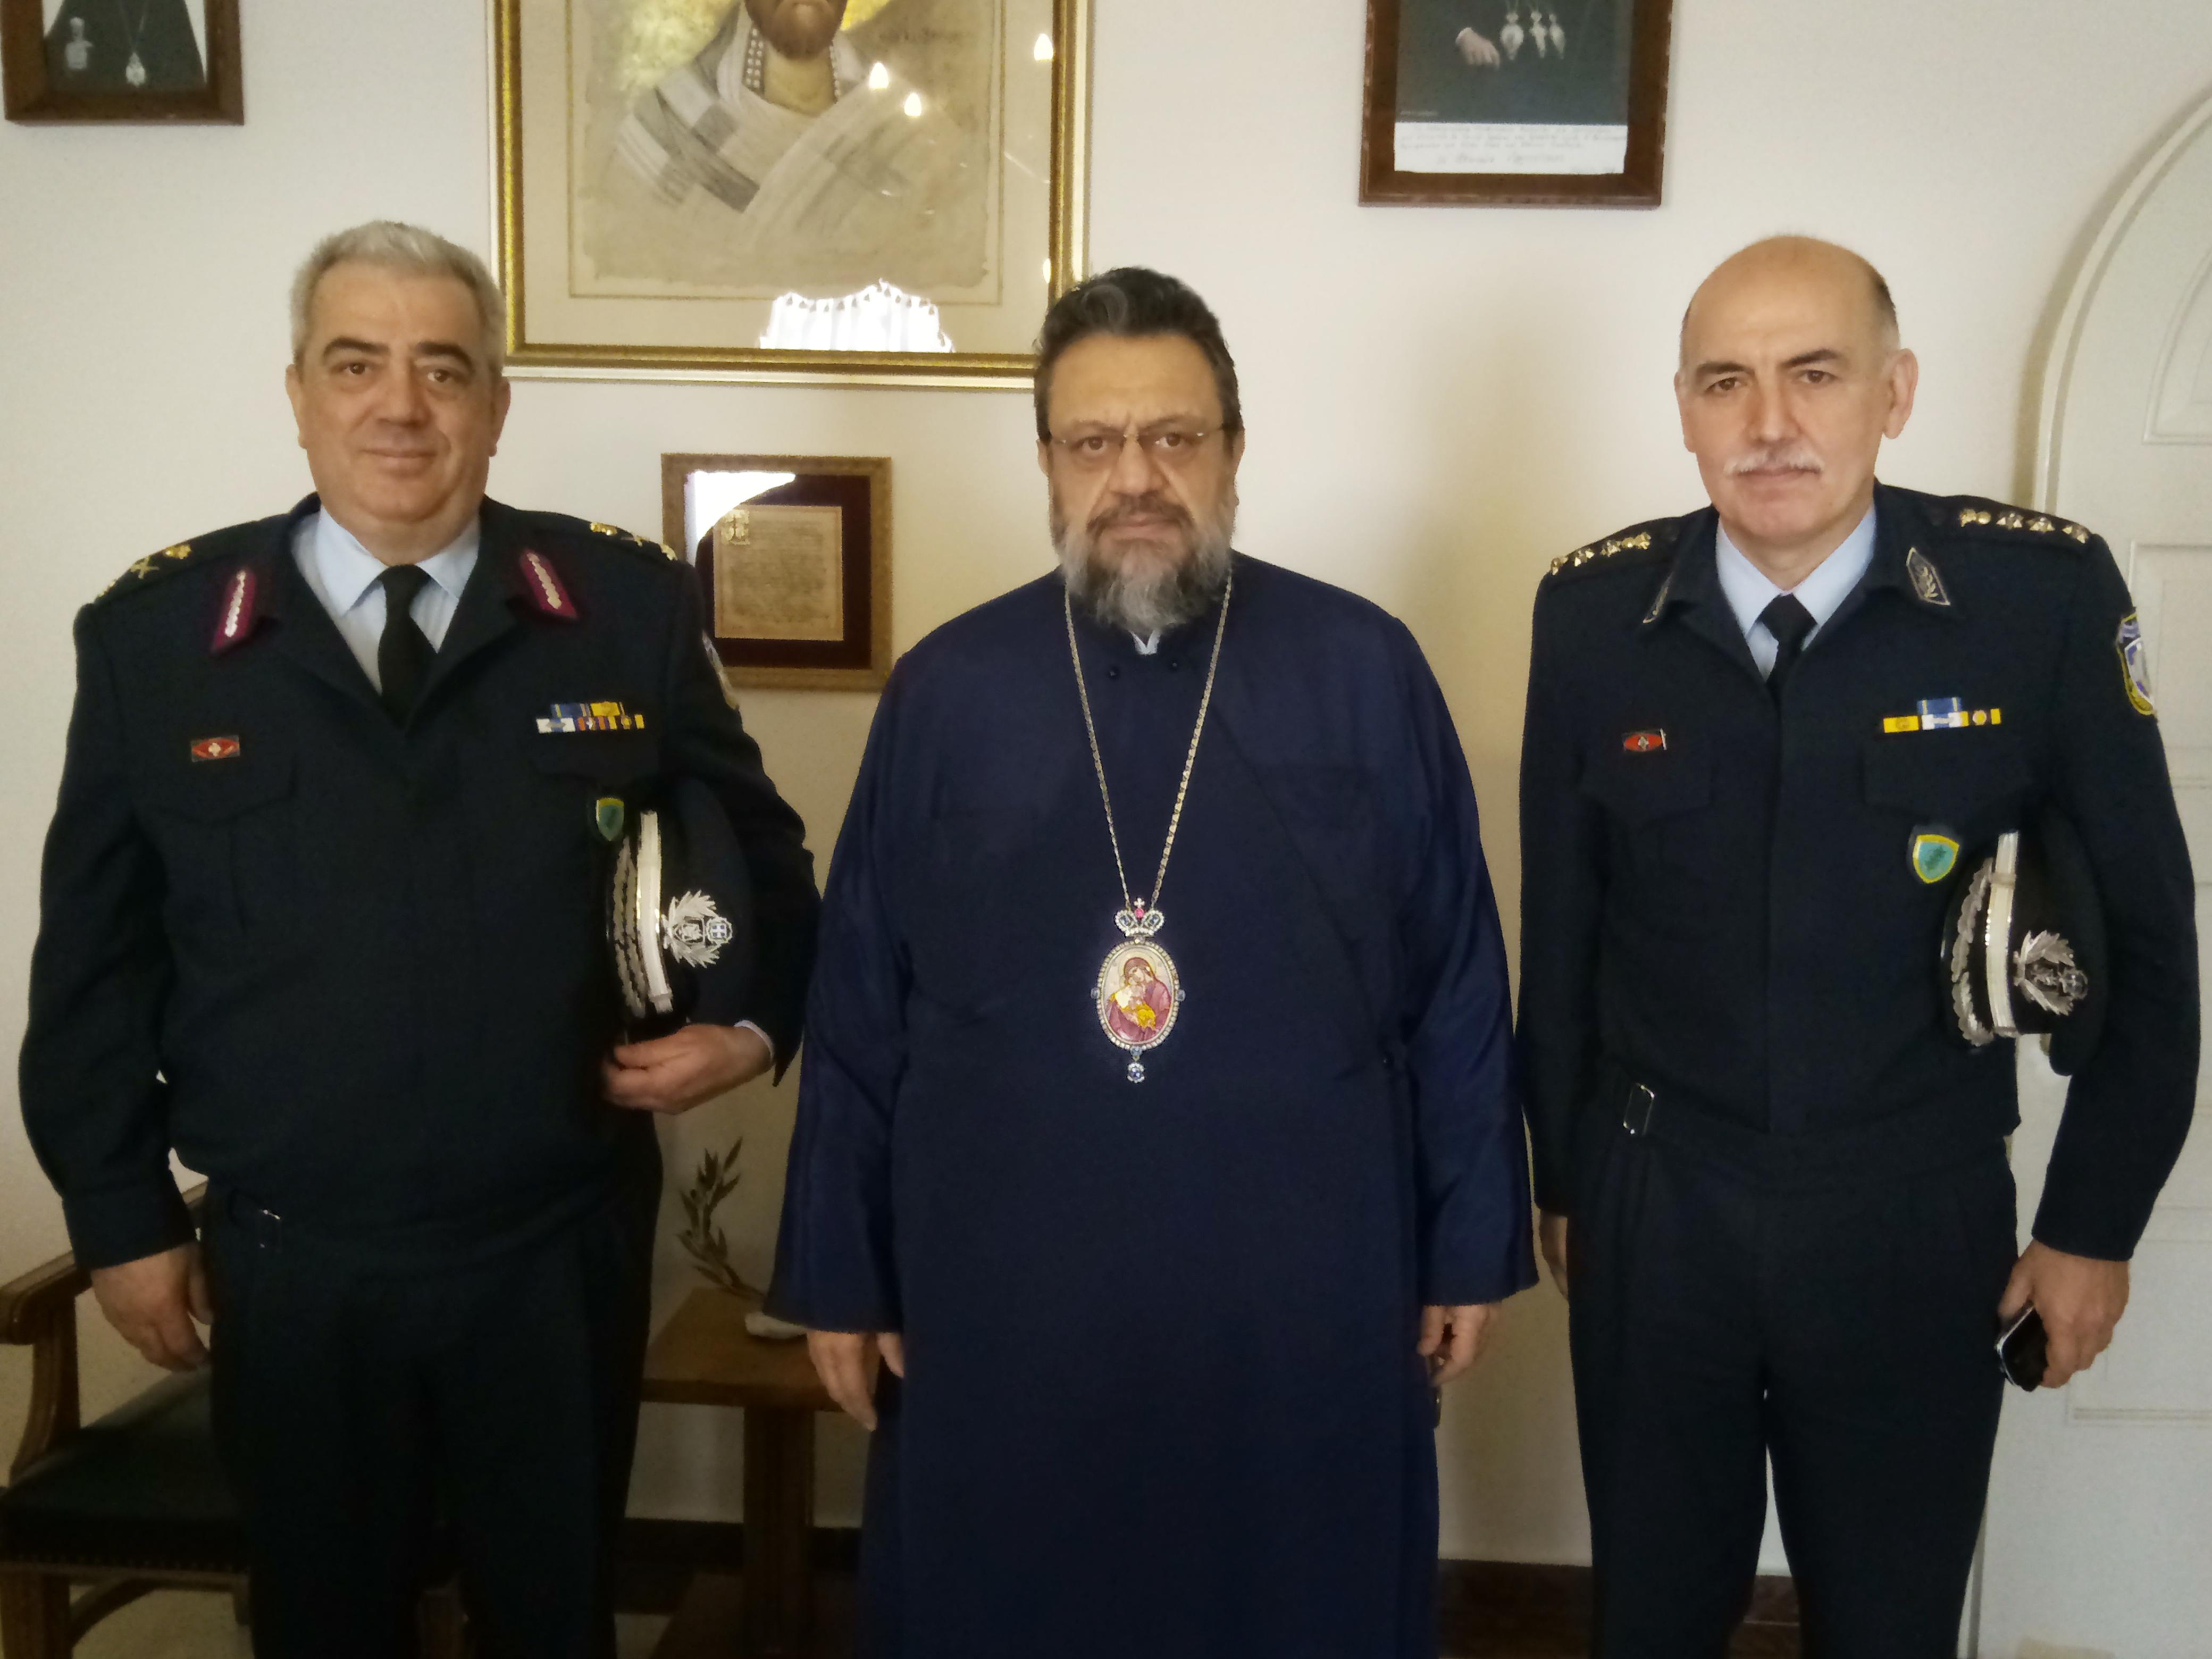 Τον Σεβ. Μητροπολίτη Μεσσηνίας κ. Χρυσόστομο επισκέφθηκε ο νέος Γεν. Περιφερειακός Αστυνομικός Δ/ντής Πελοποννήσου Ταξίαρχος Ευάγγελος Φωτόπουλος